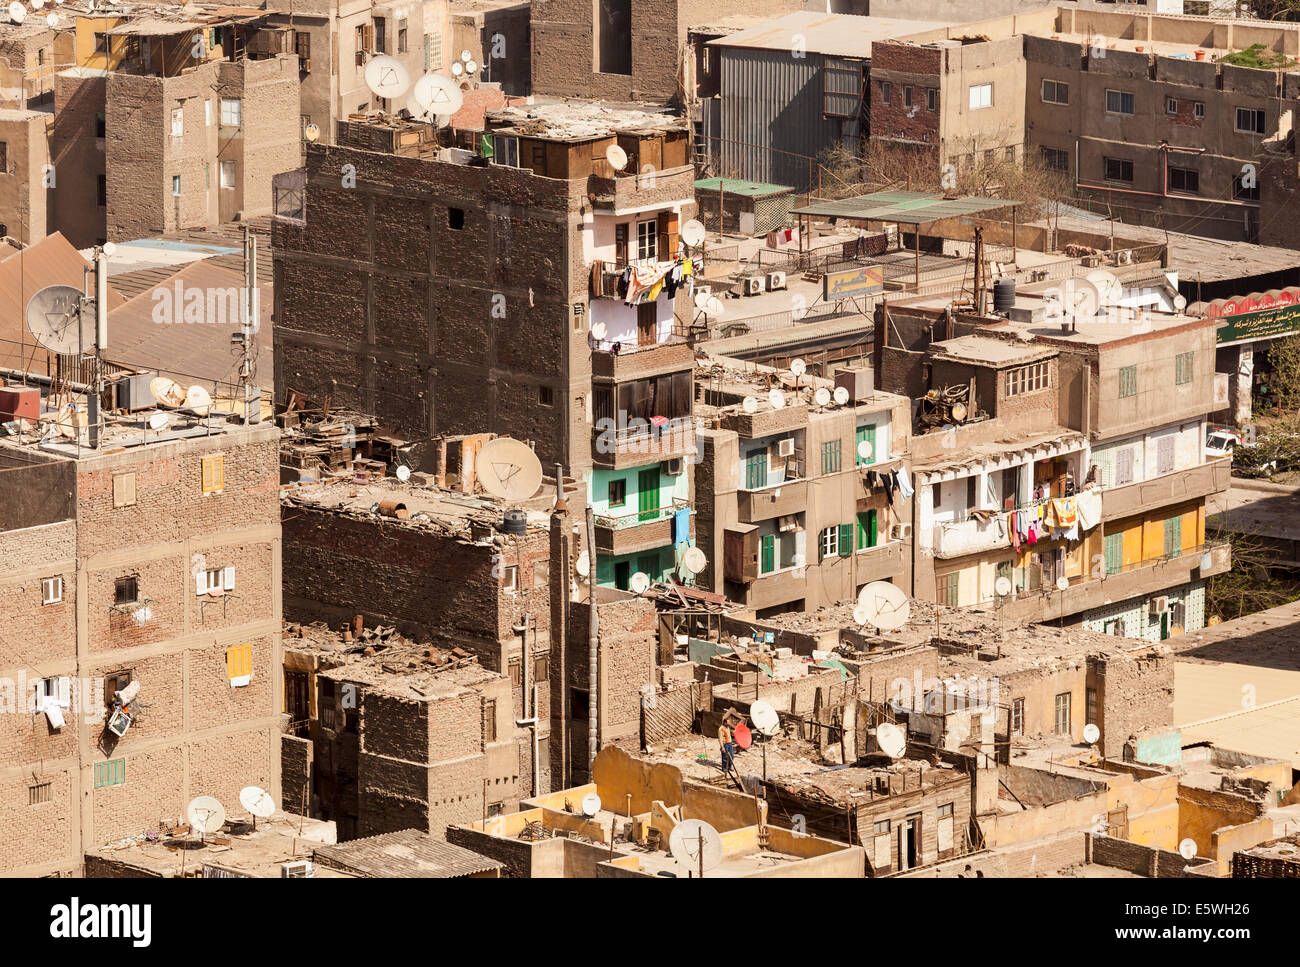 Le Caire, Égypte - toitures de bâtiments des taudis dans le centre du Caire Photo Stock